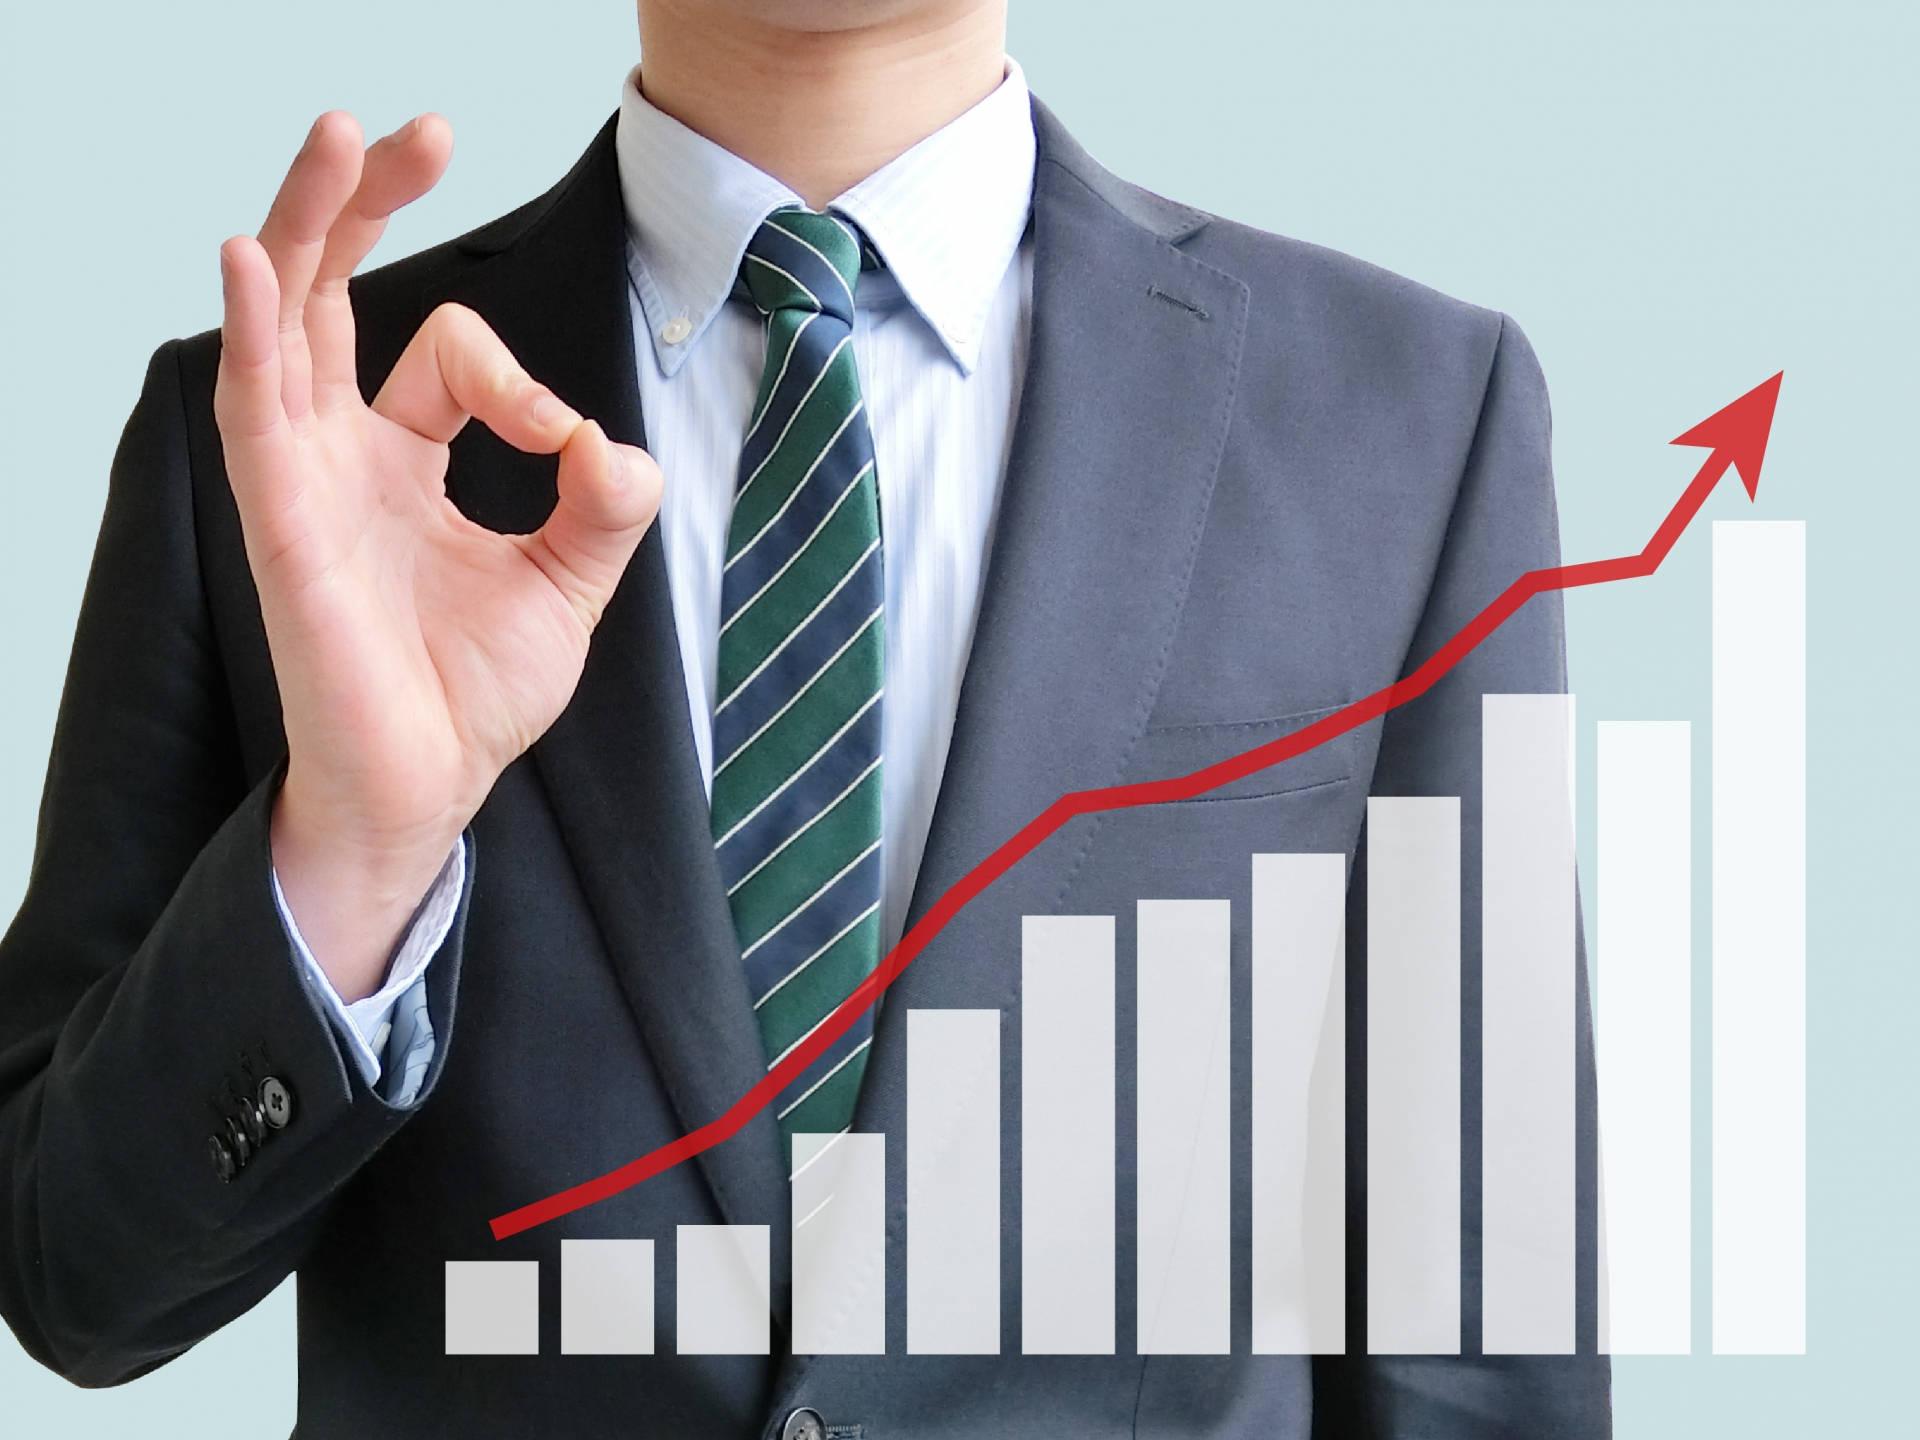 高い業績を実現する営業組織の特長から学ぶ組織づくりの方法 | Senses Lab. | アイキャッチ画像